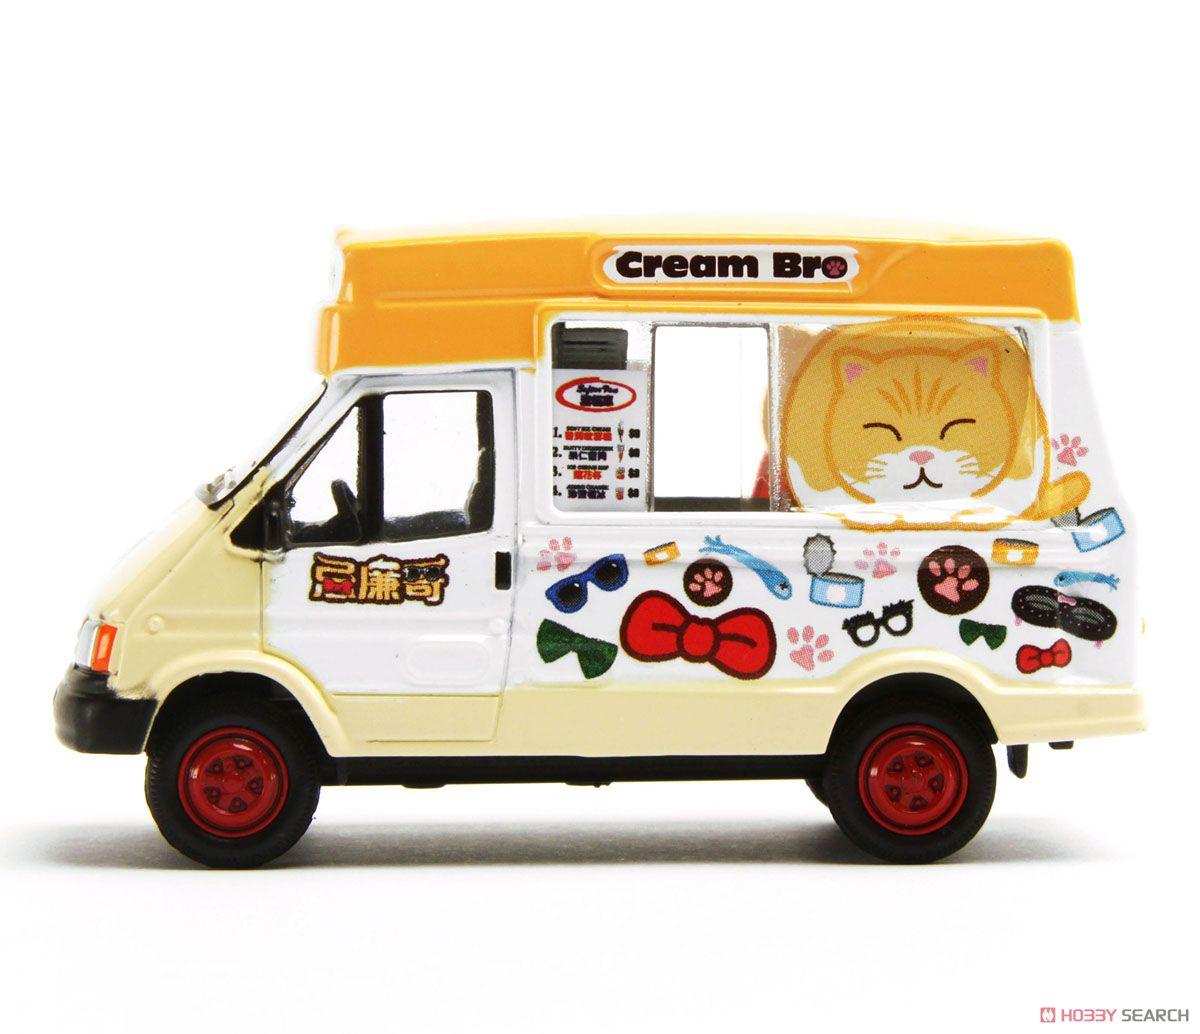 アイスクリームバン `クリームブラザー` (ミニカー)